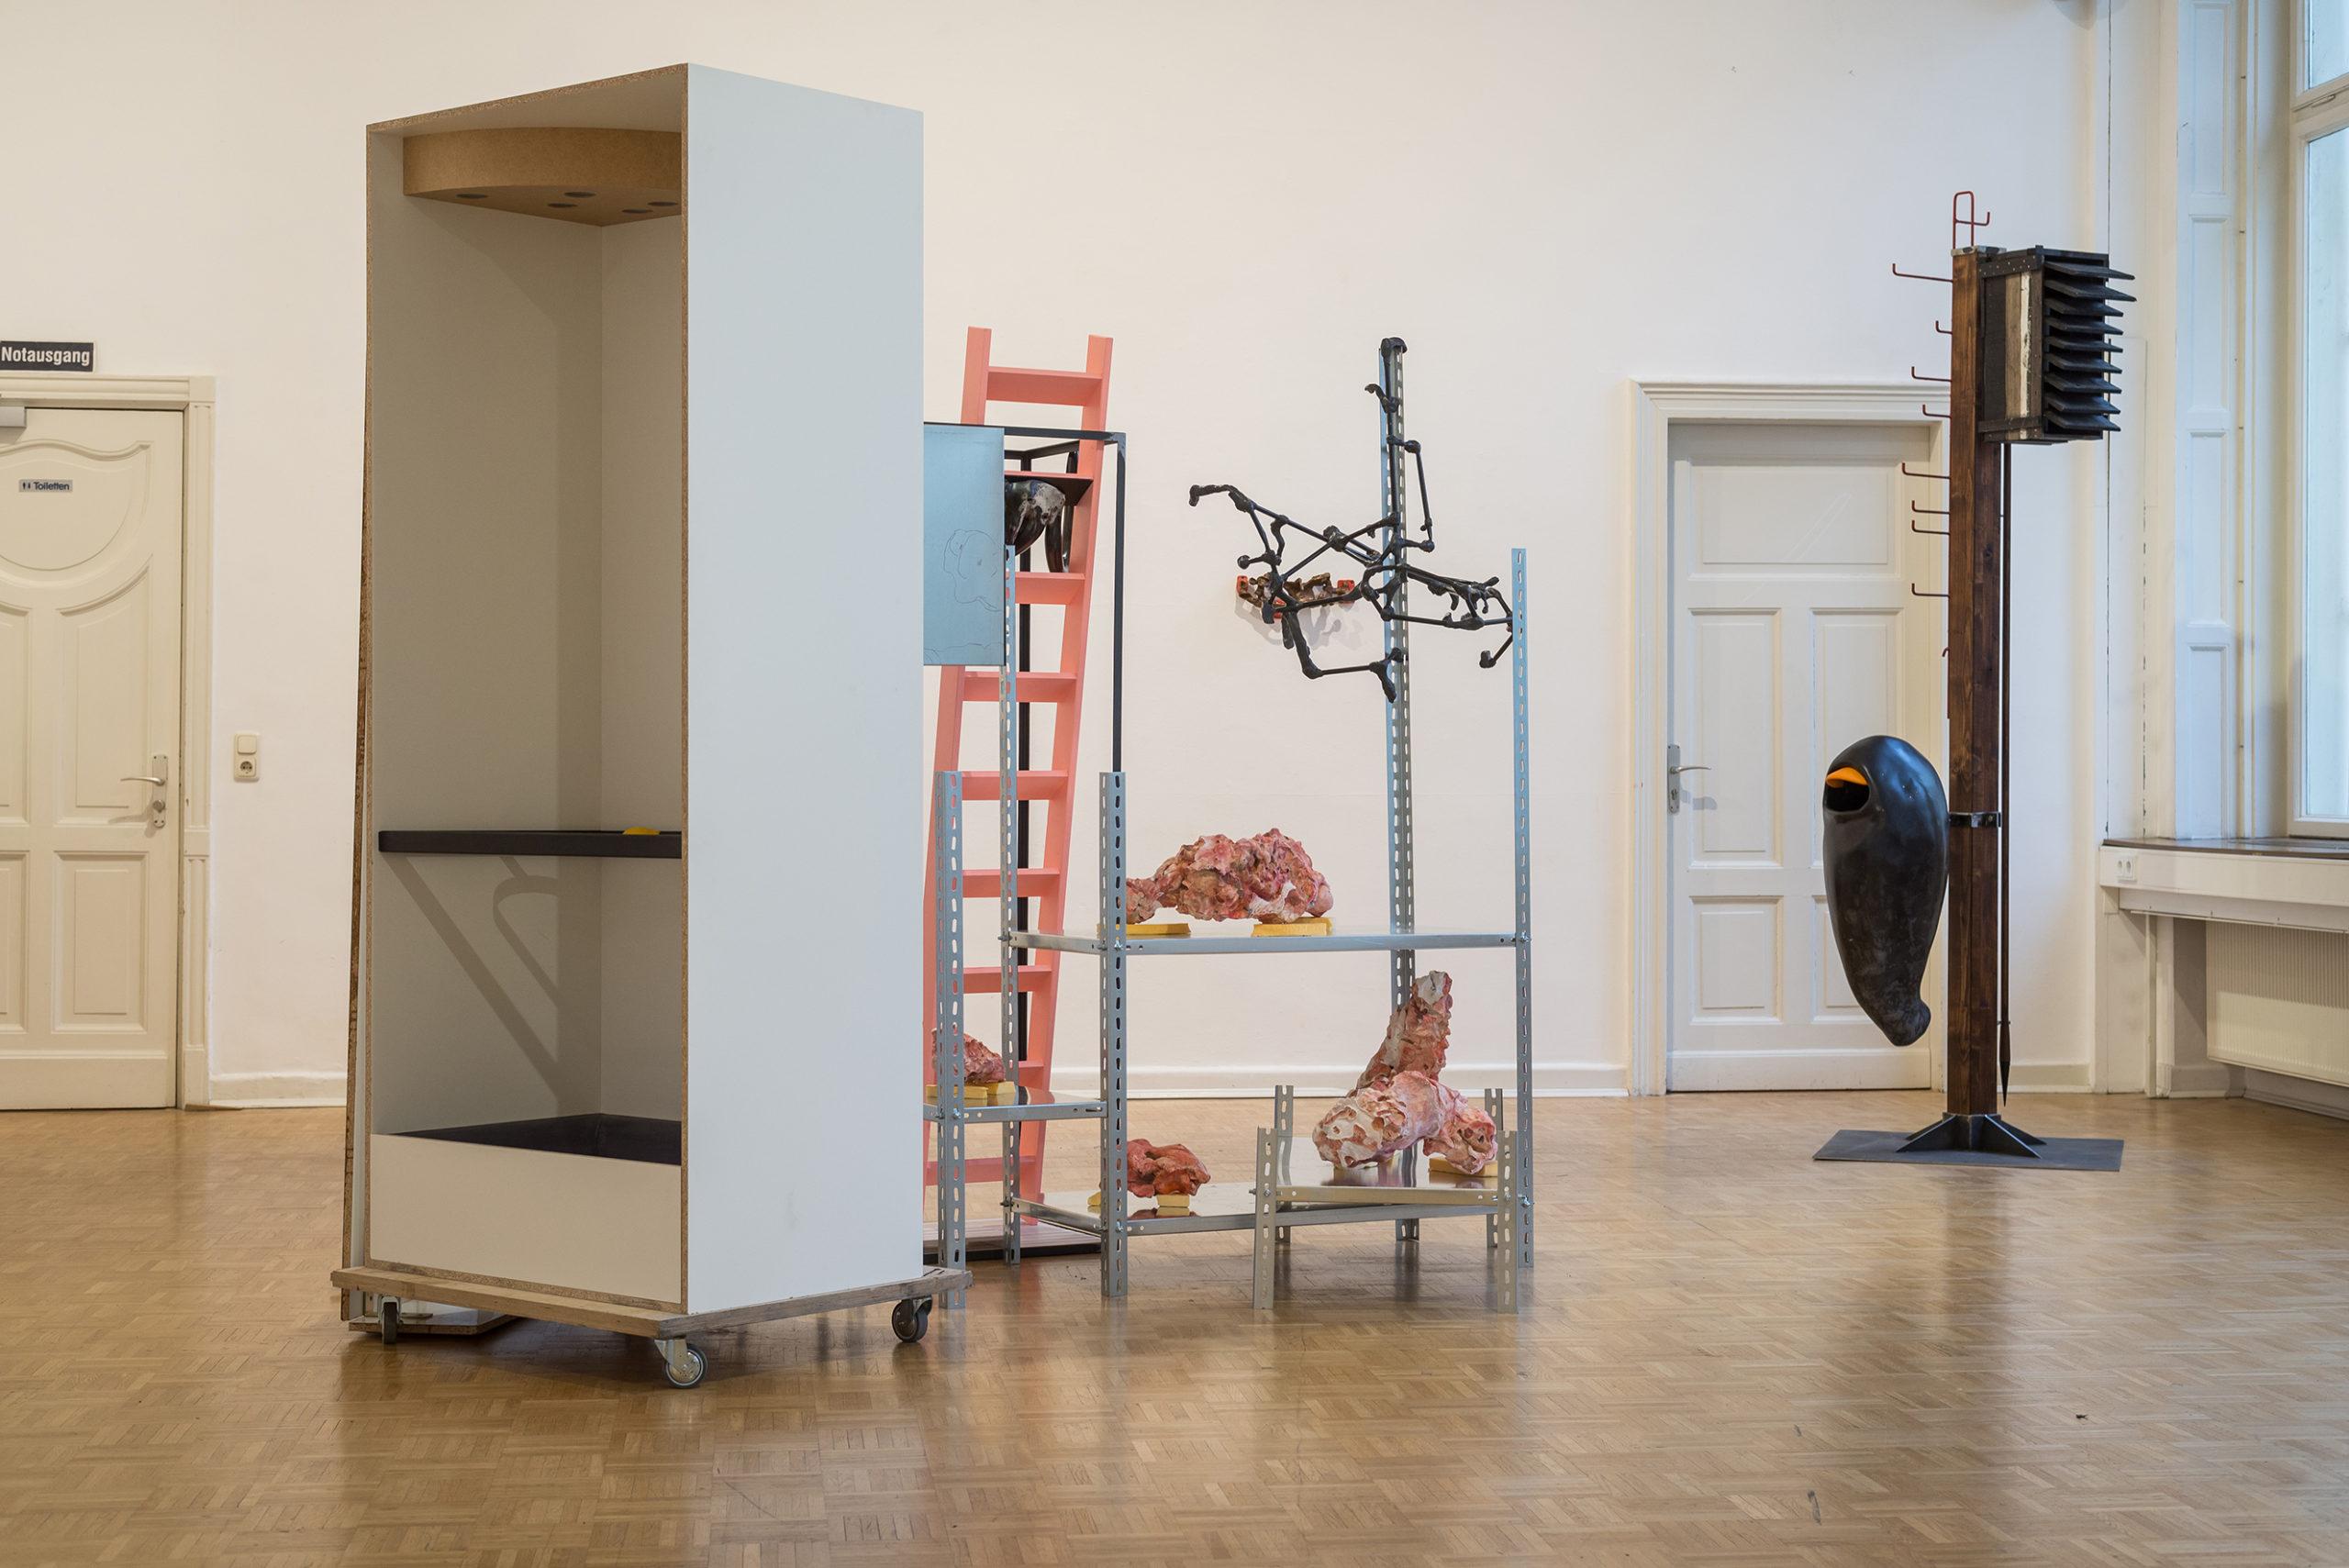 ANNEX Ausstellungsansicht Kunstverein Bellevue-Saal Wiesbaden März 2020(Foto: Dirk Uebele)